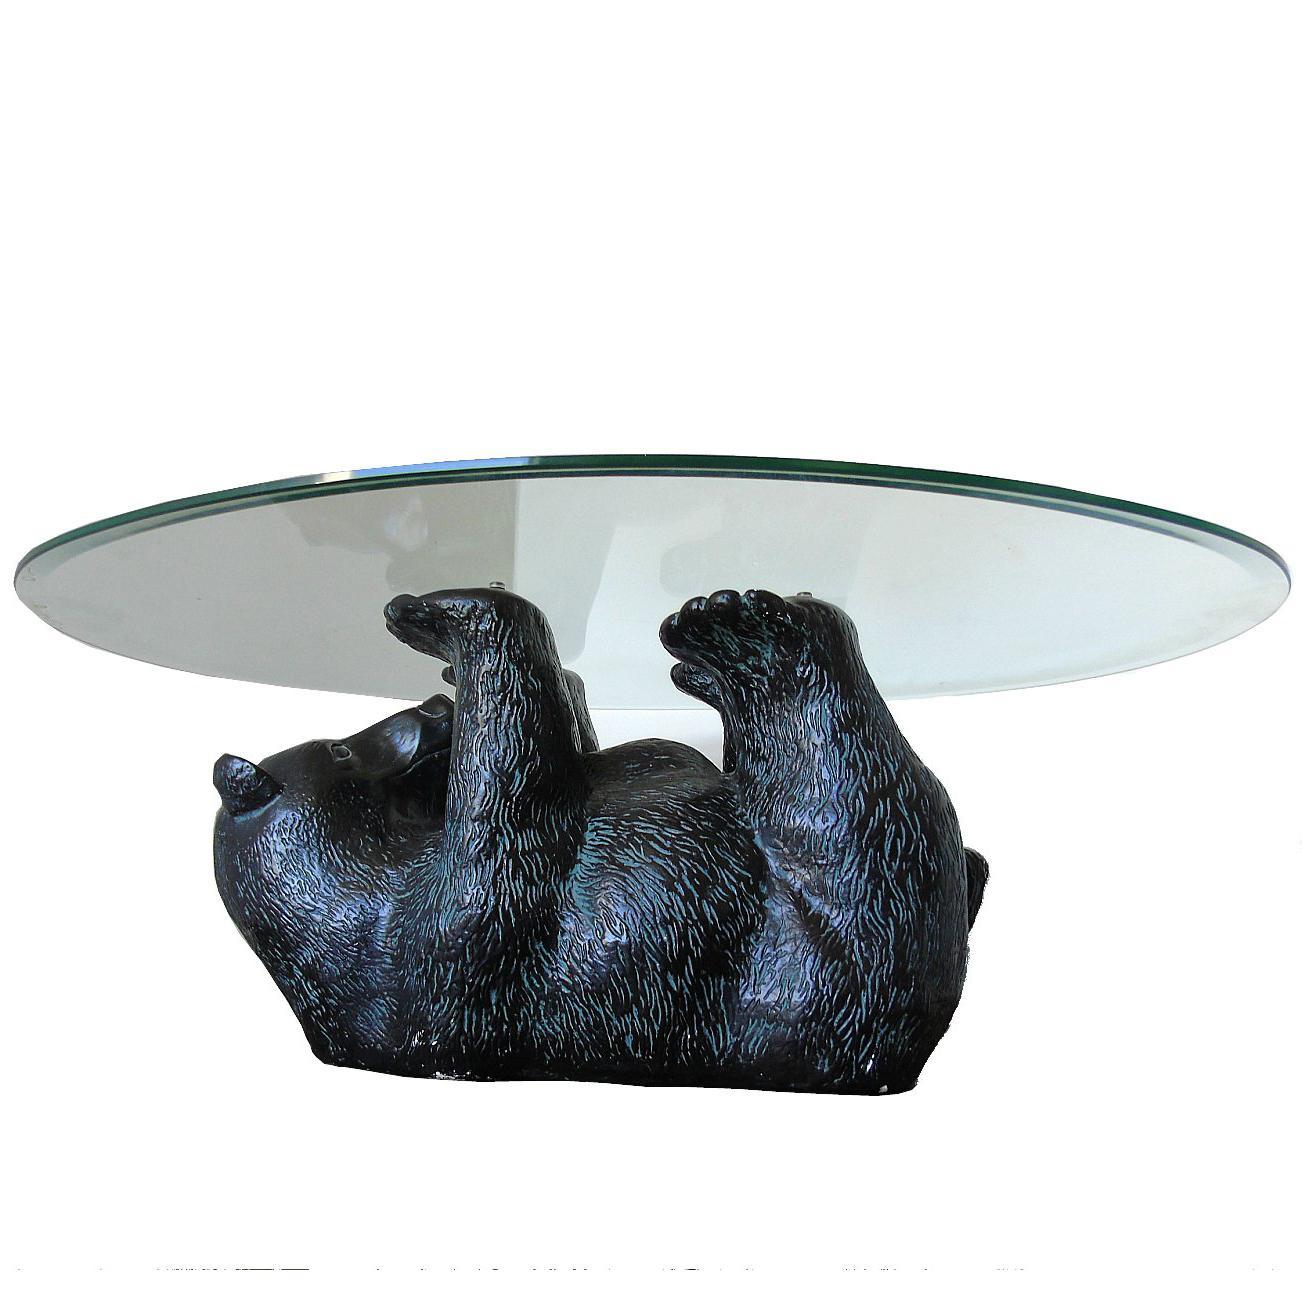 Beau Unique Sculptural Black Bear Coffee Table, 1970s